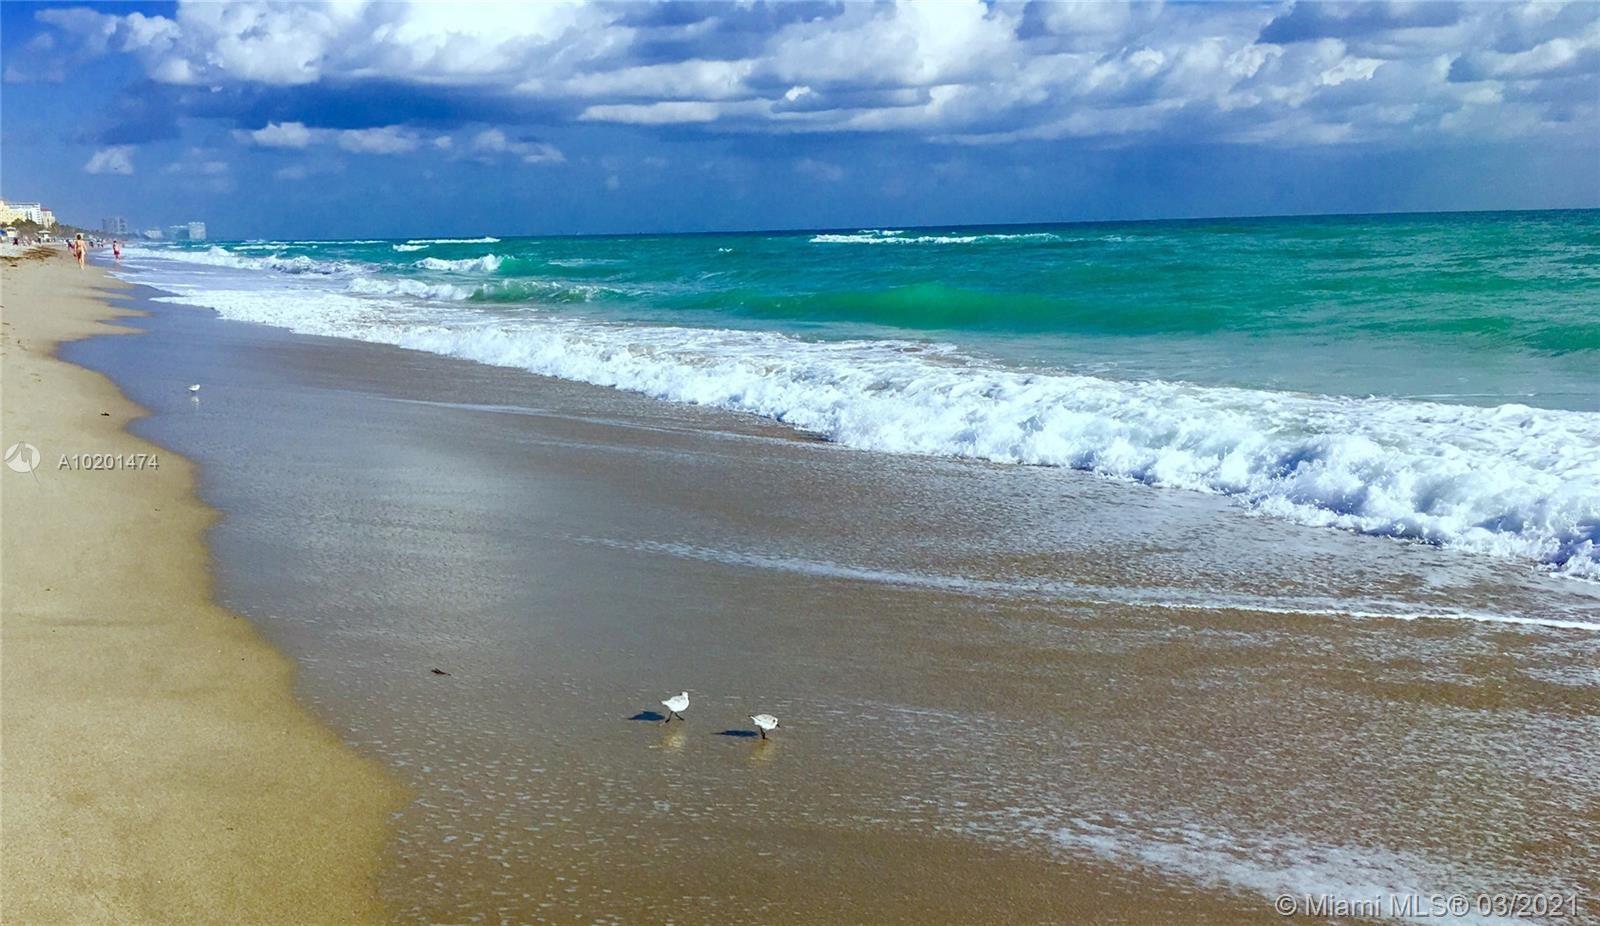 Photo of 495 Ocean blvd, Golden Beach, FL 33160 (MLS # A10201474)